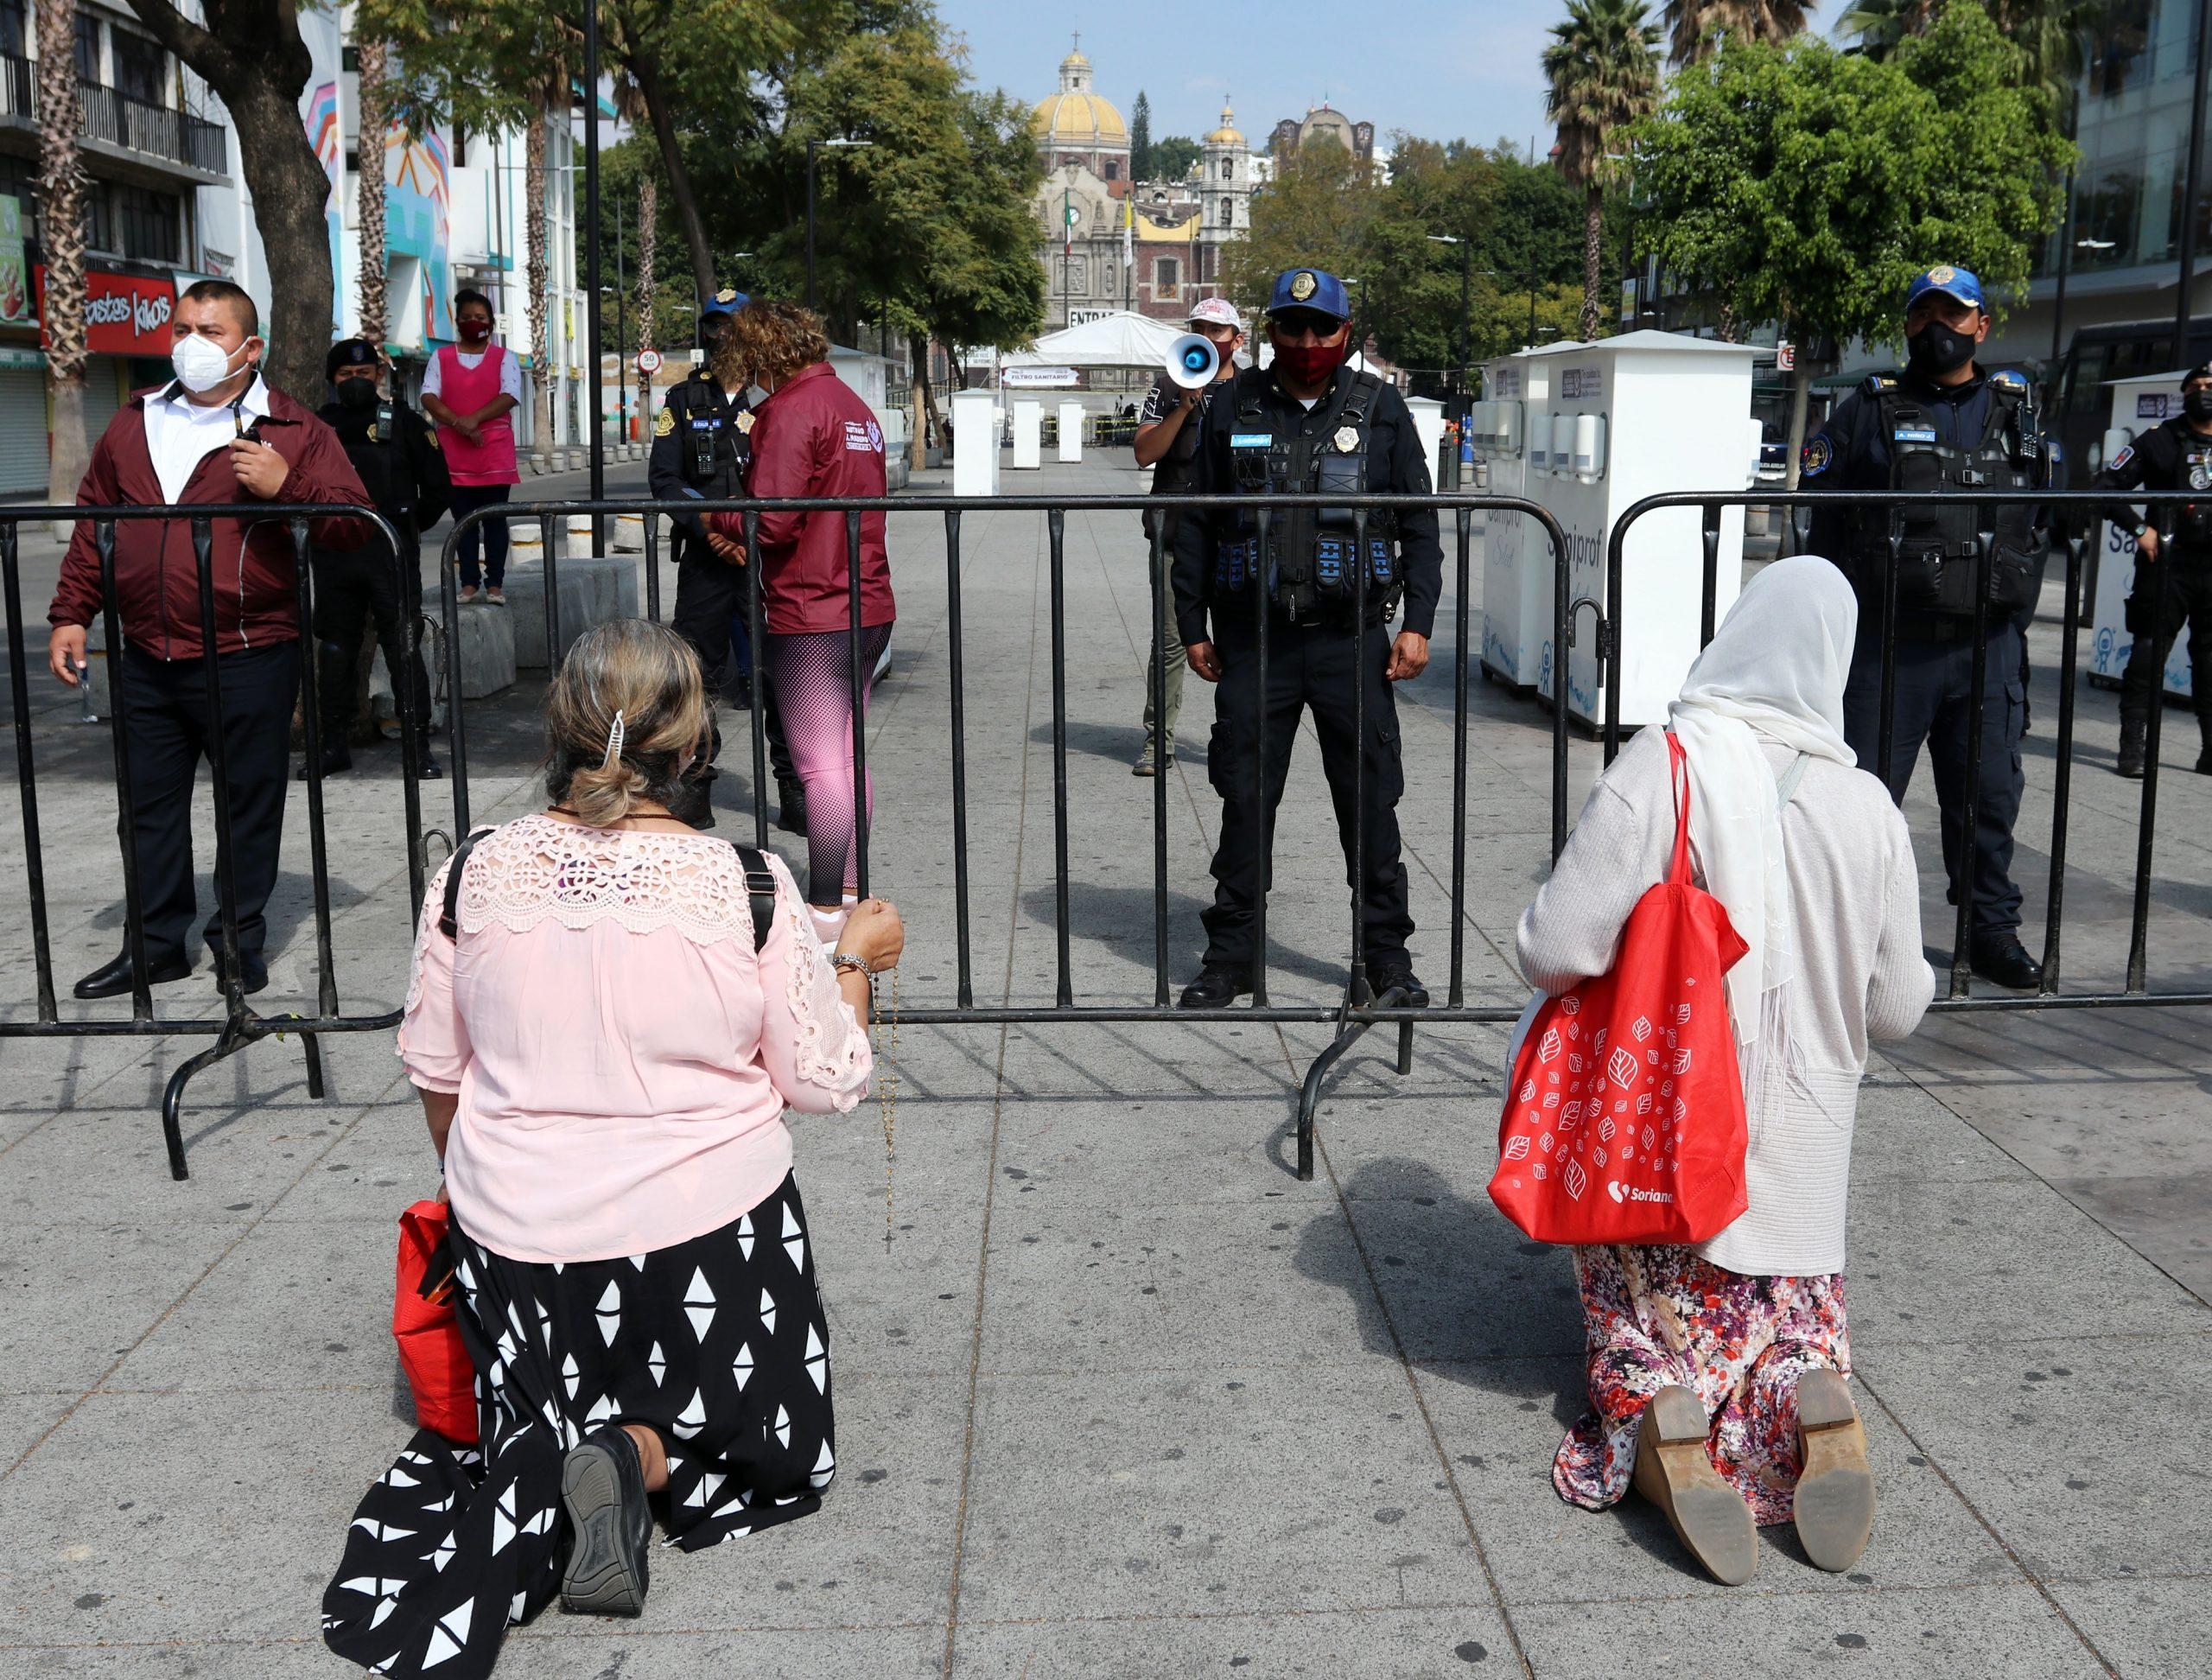 Personas rezan hoy, afuera de la Basílica de Guadalupe de Ciudad de México. Foto de EFE/José Pazos.